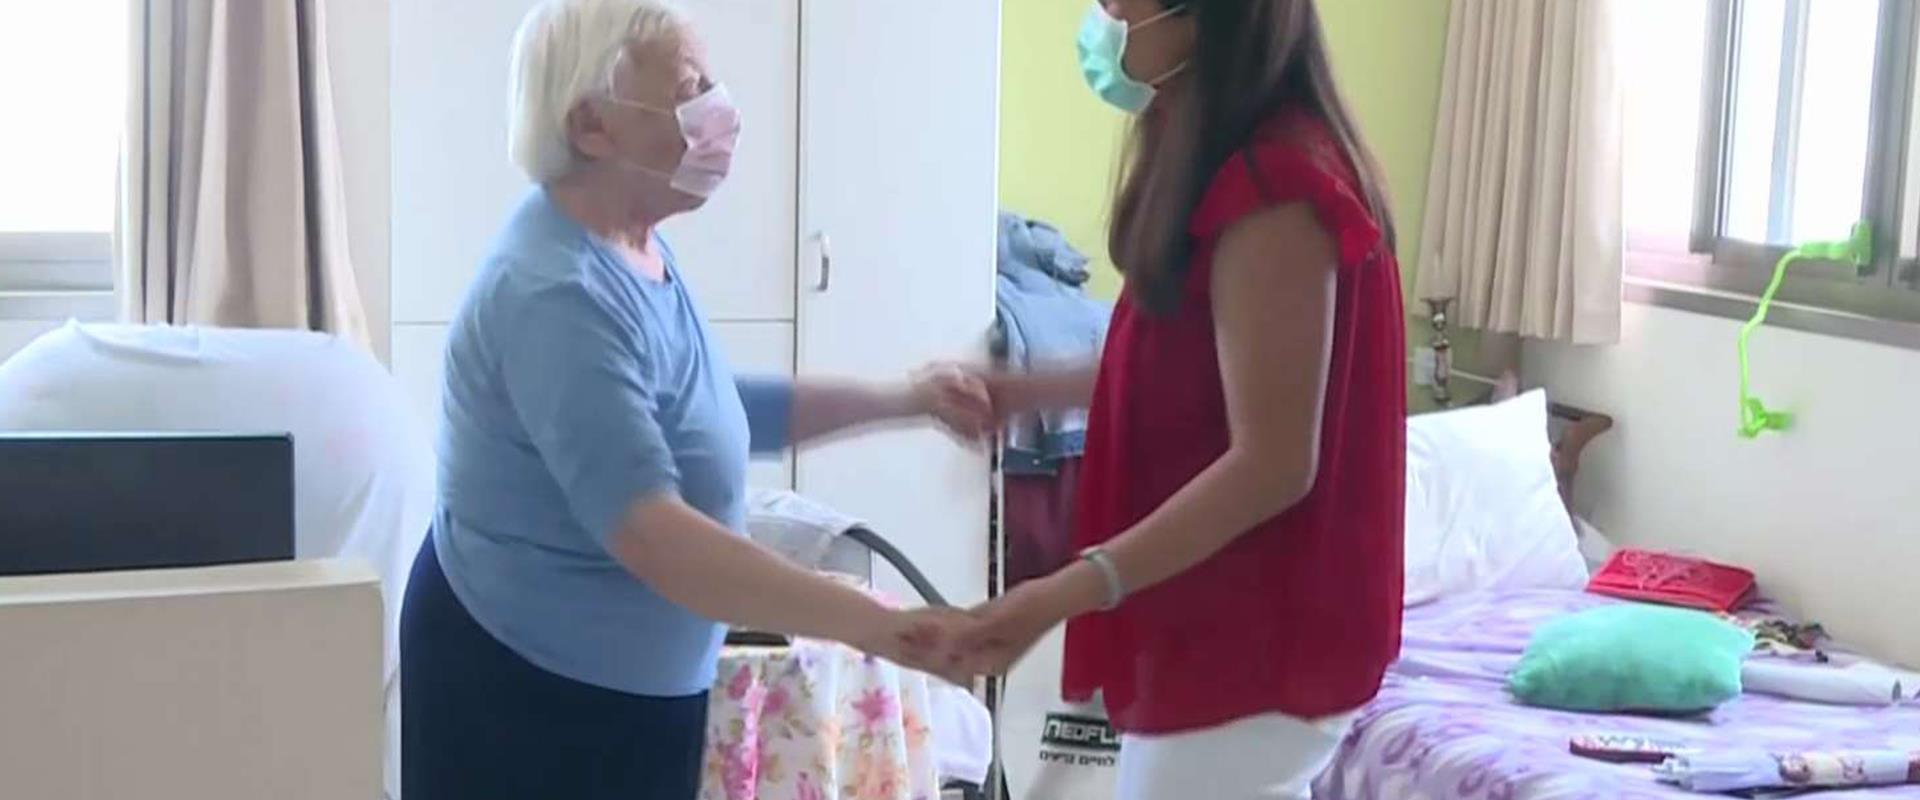 יוזמות הסיוע לקשישים בבידוד